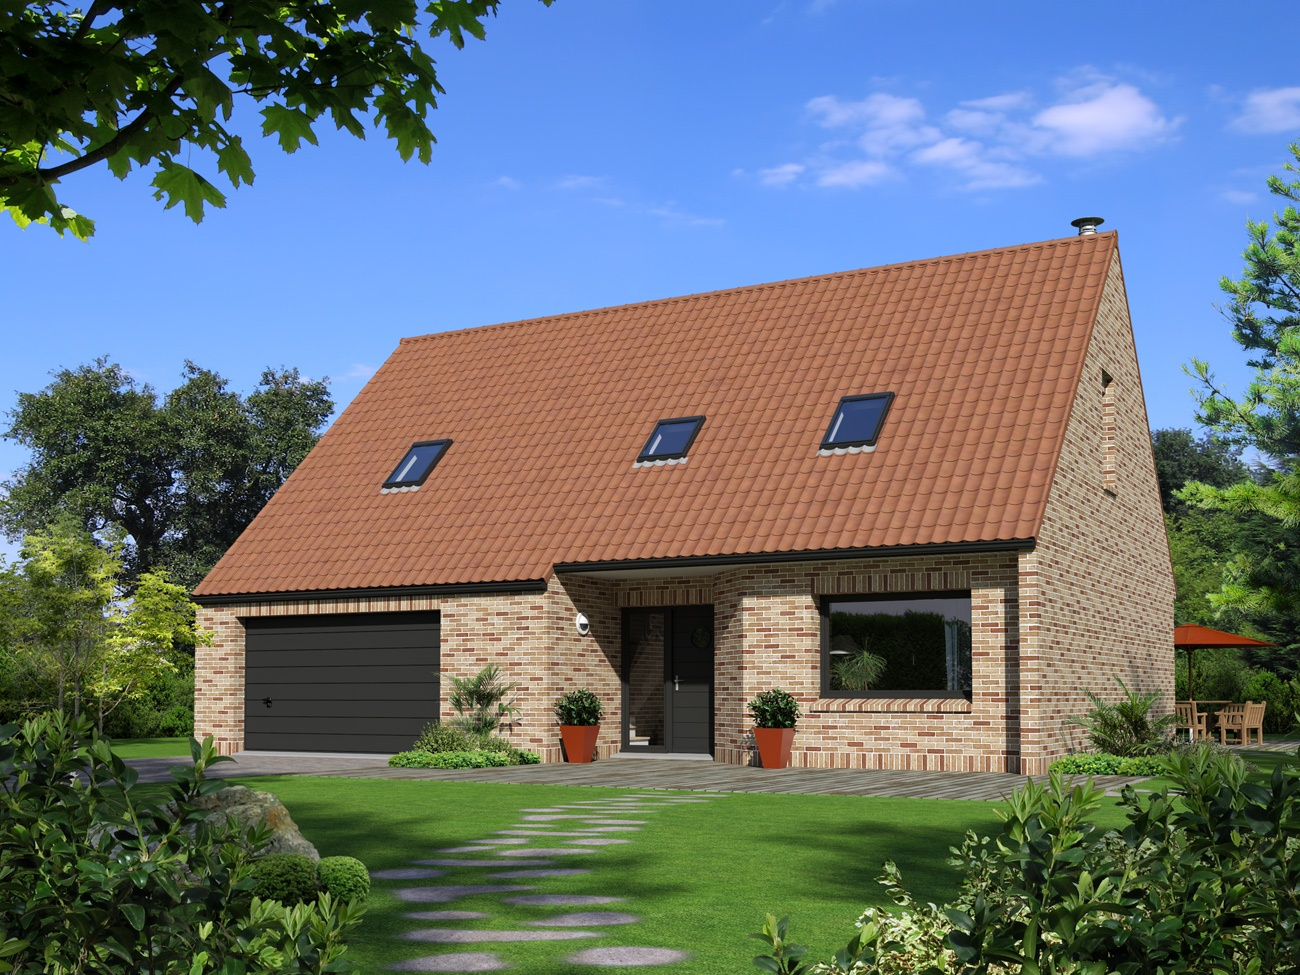 Maisons + Terrains du constructeur MAISON FAMILIALE • 120 m² • DUISANS